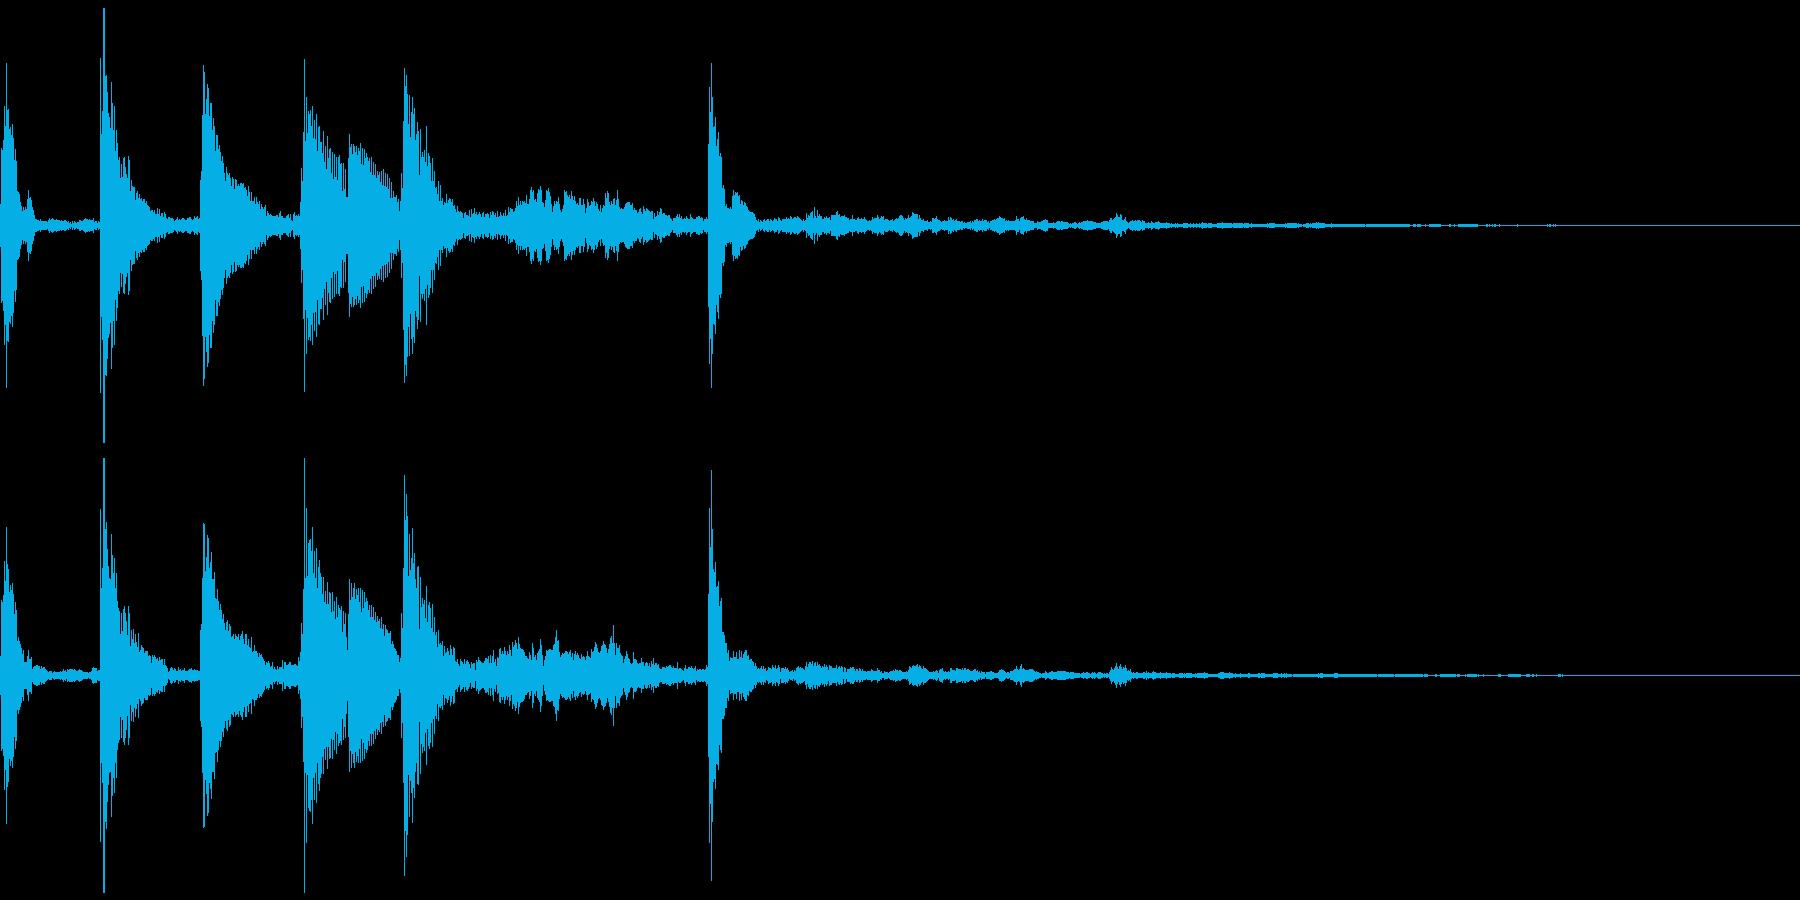 着信音風ジングル6の再生済みの波形